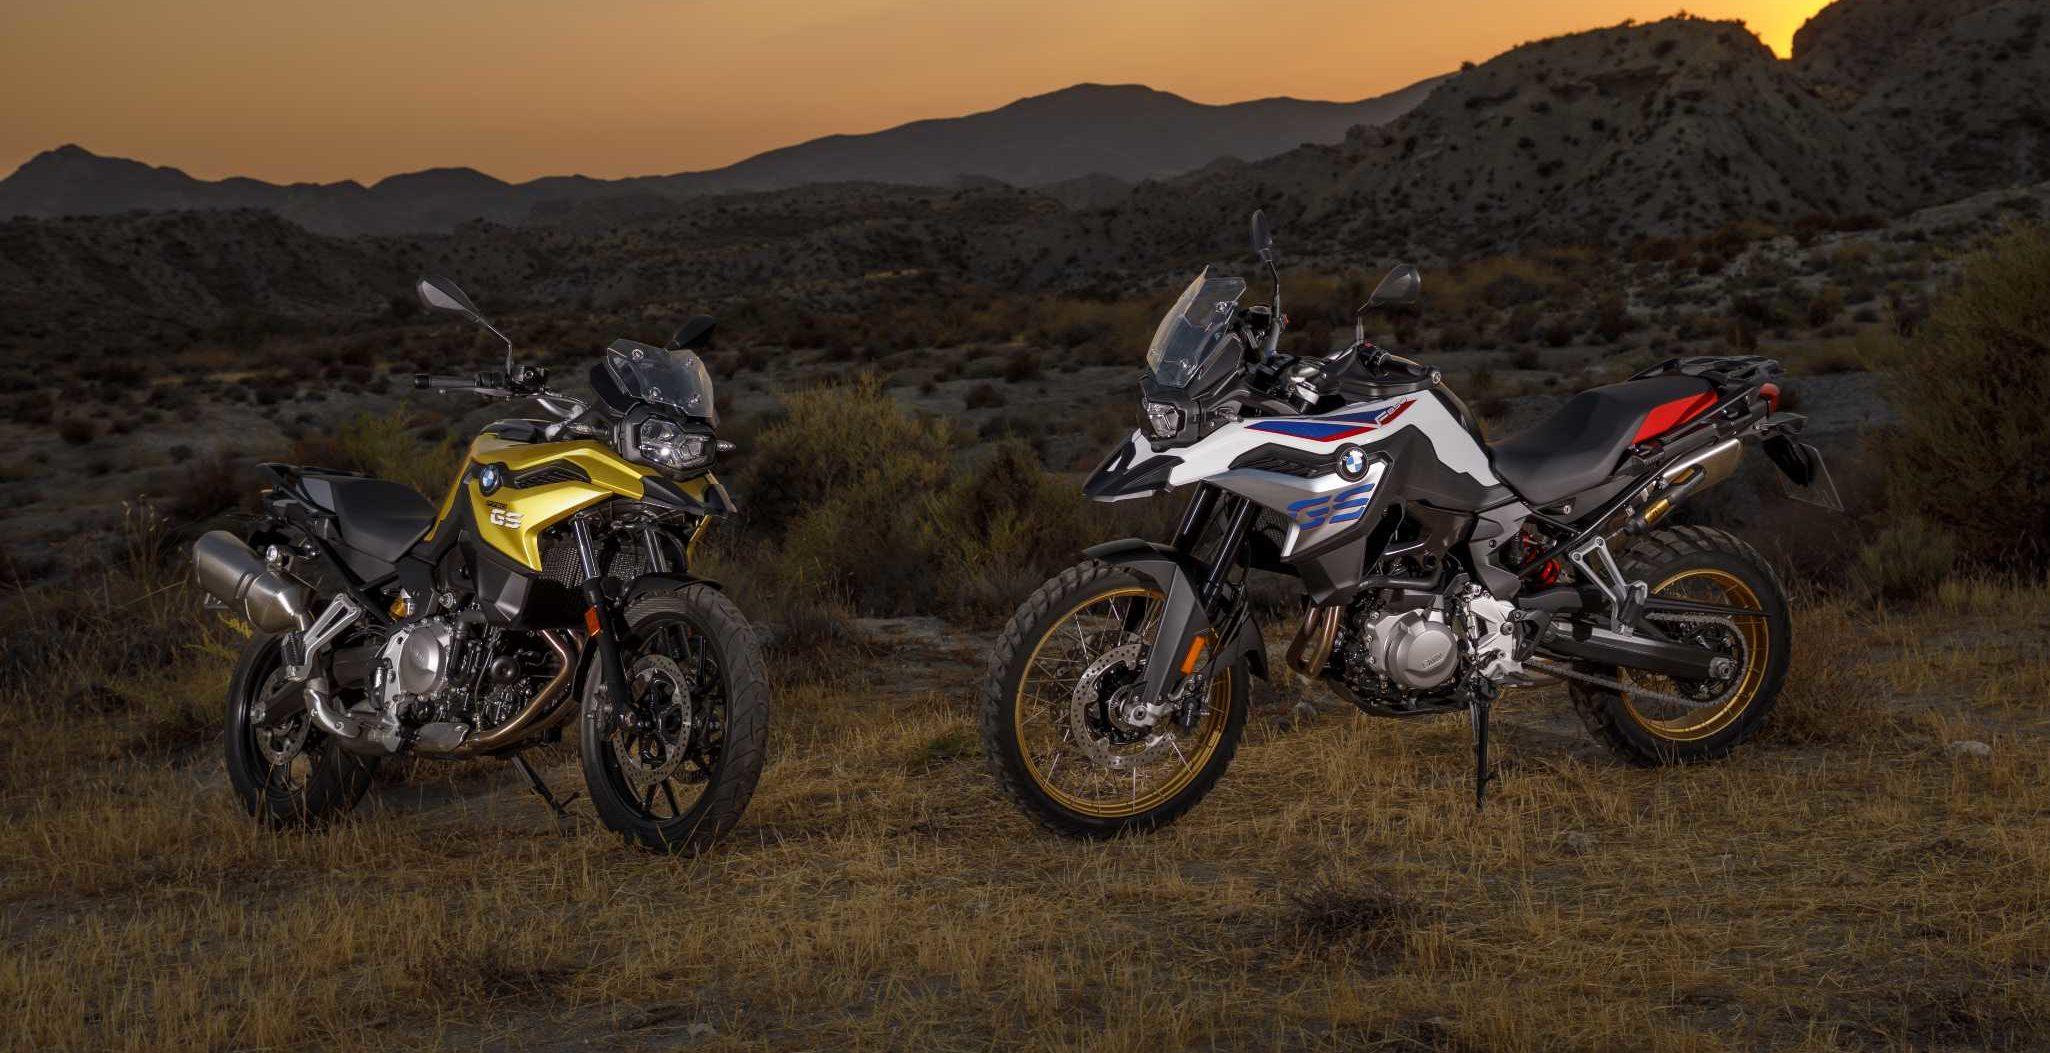 Полностью обновленные мотоциклы GS F-серии от компании BMW